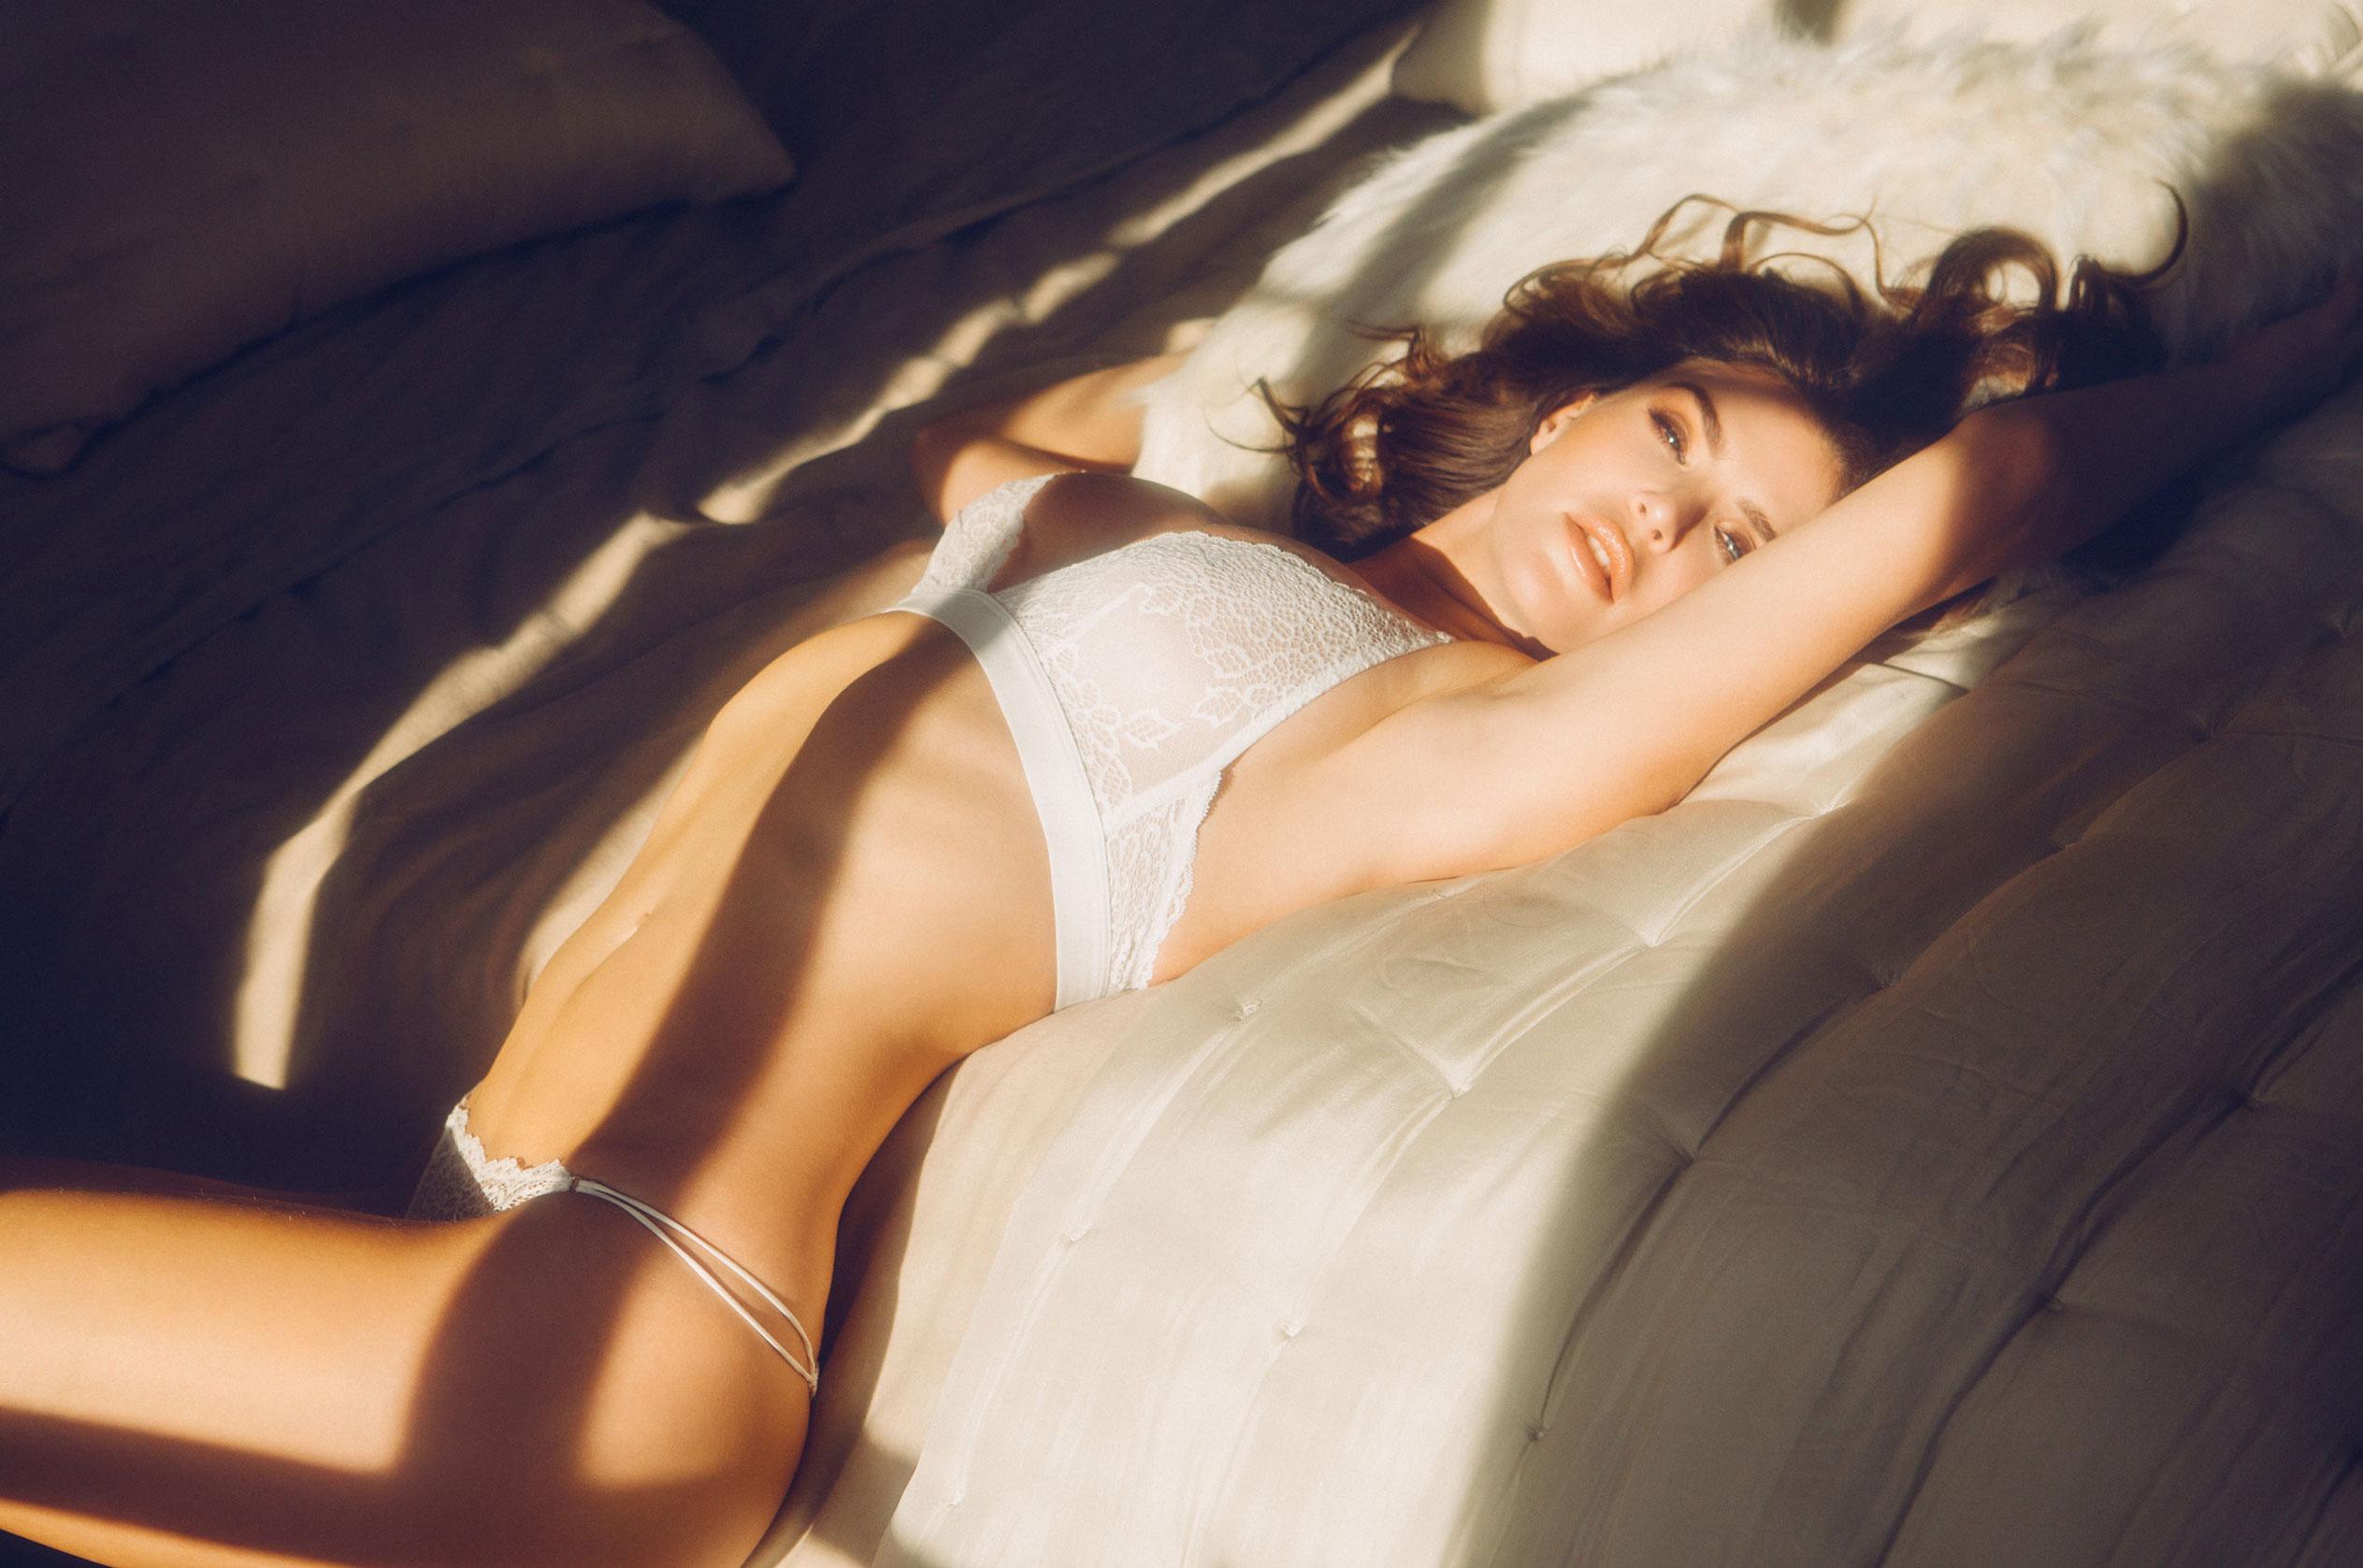 Юлия Лескова в люксовом французском нижнем белье / фото 12